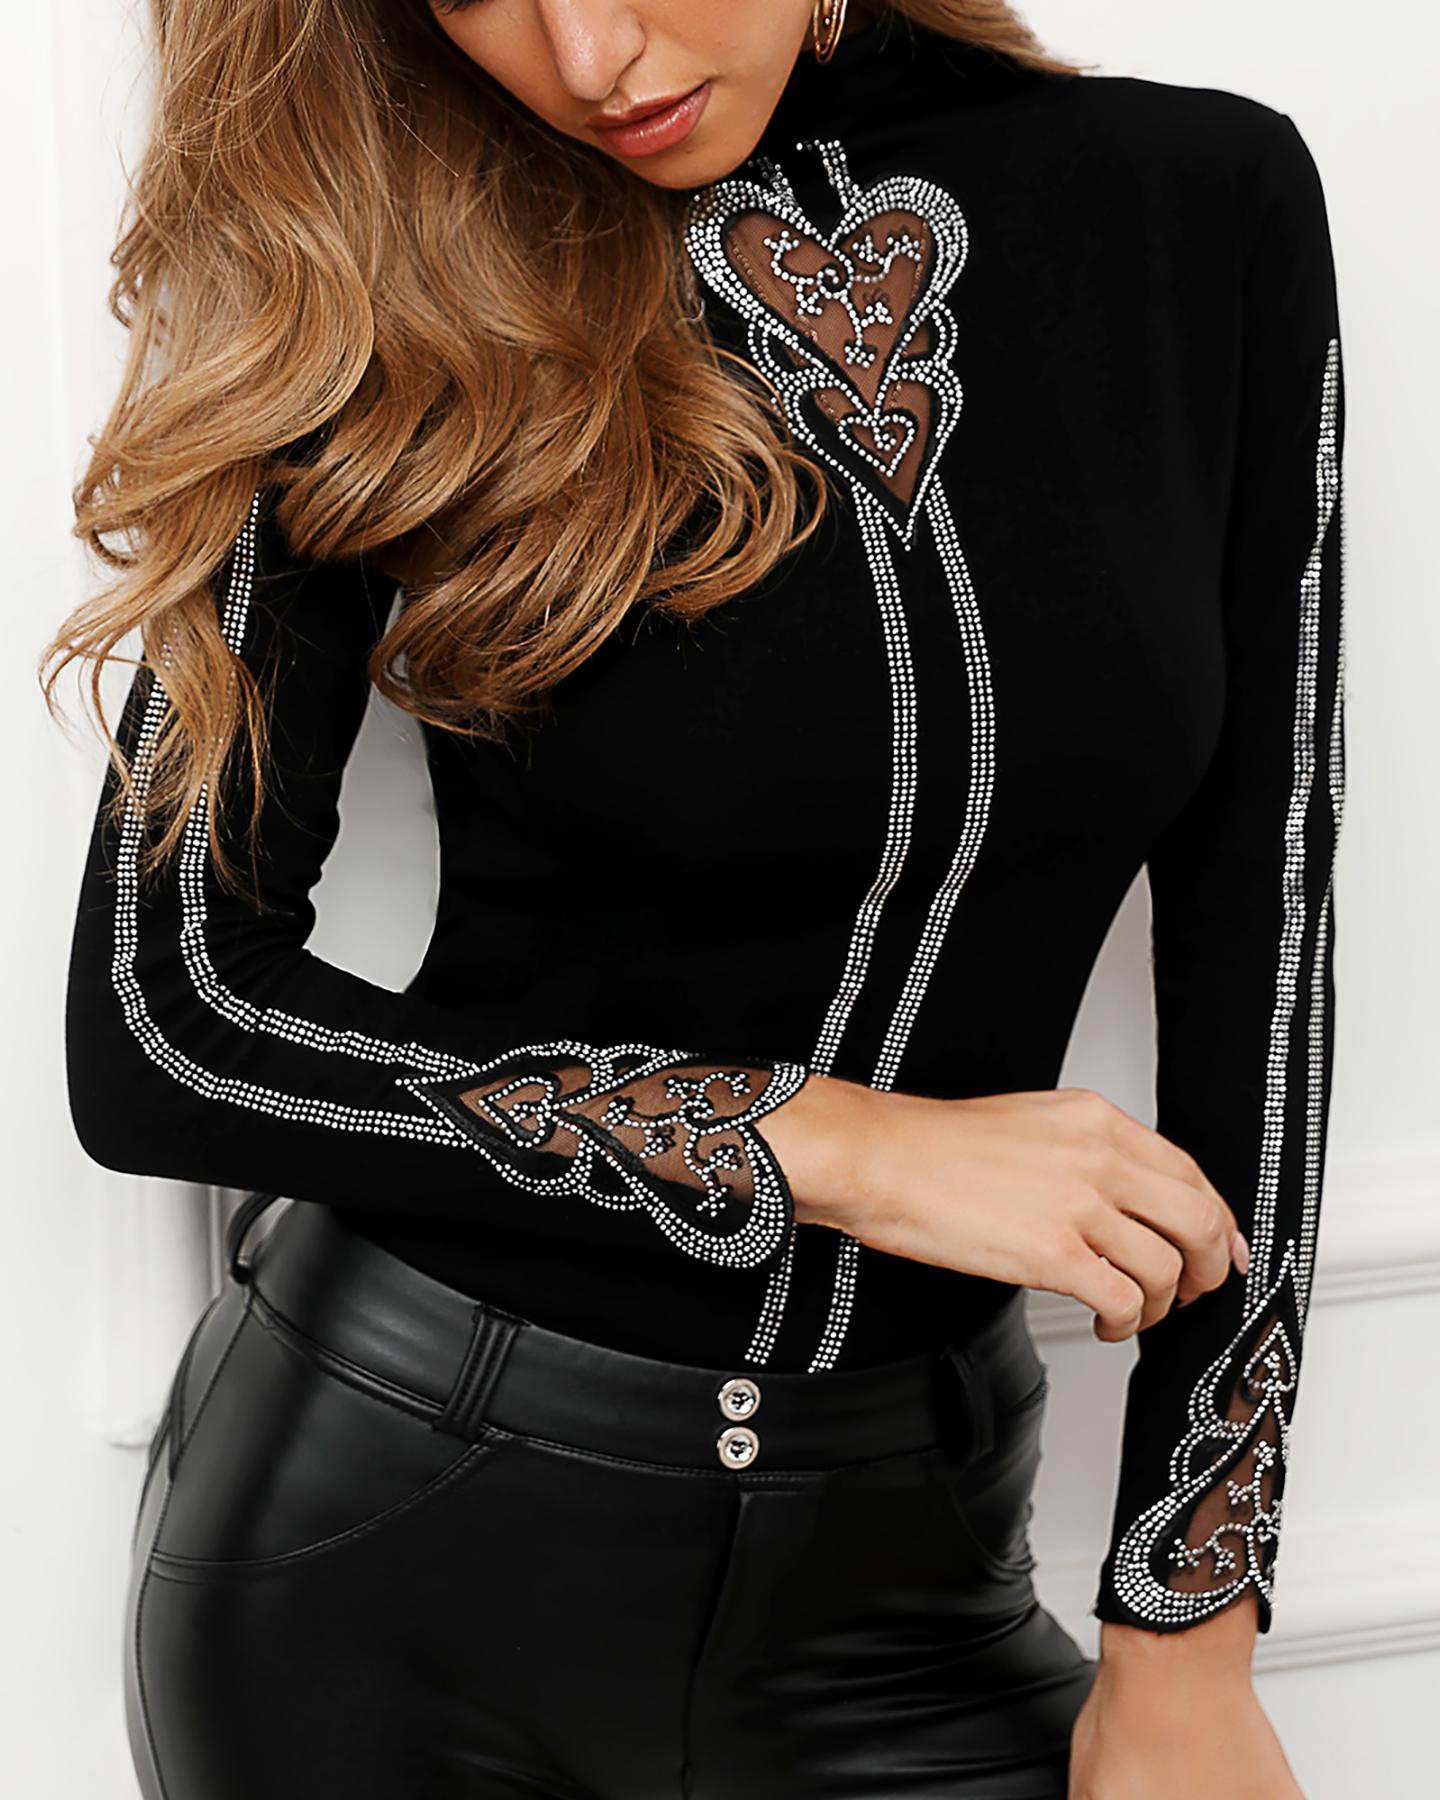 boutiquefeel / Blusa con diseño de corazón tachonado